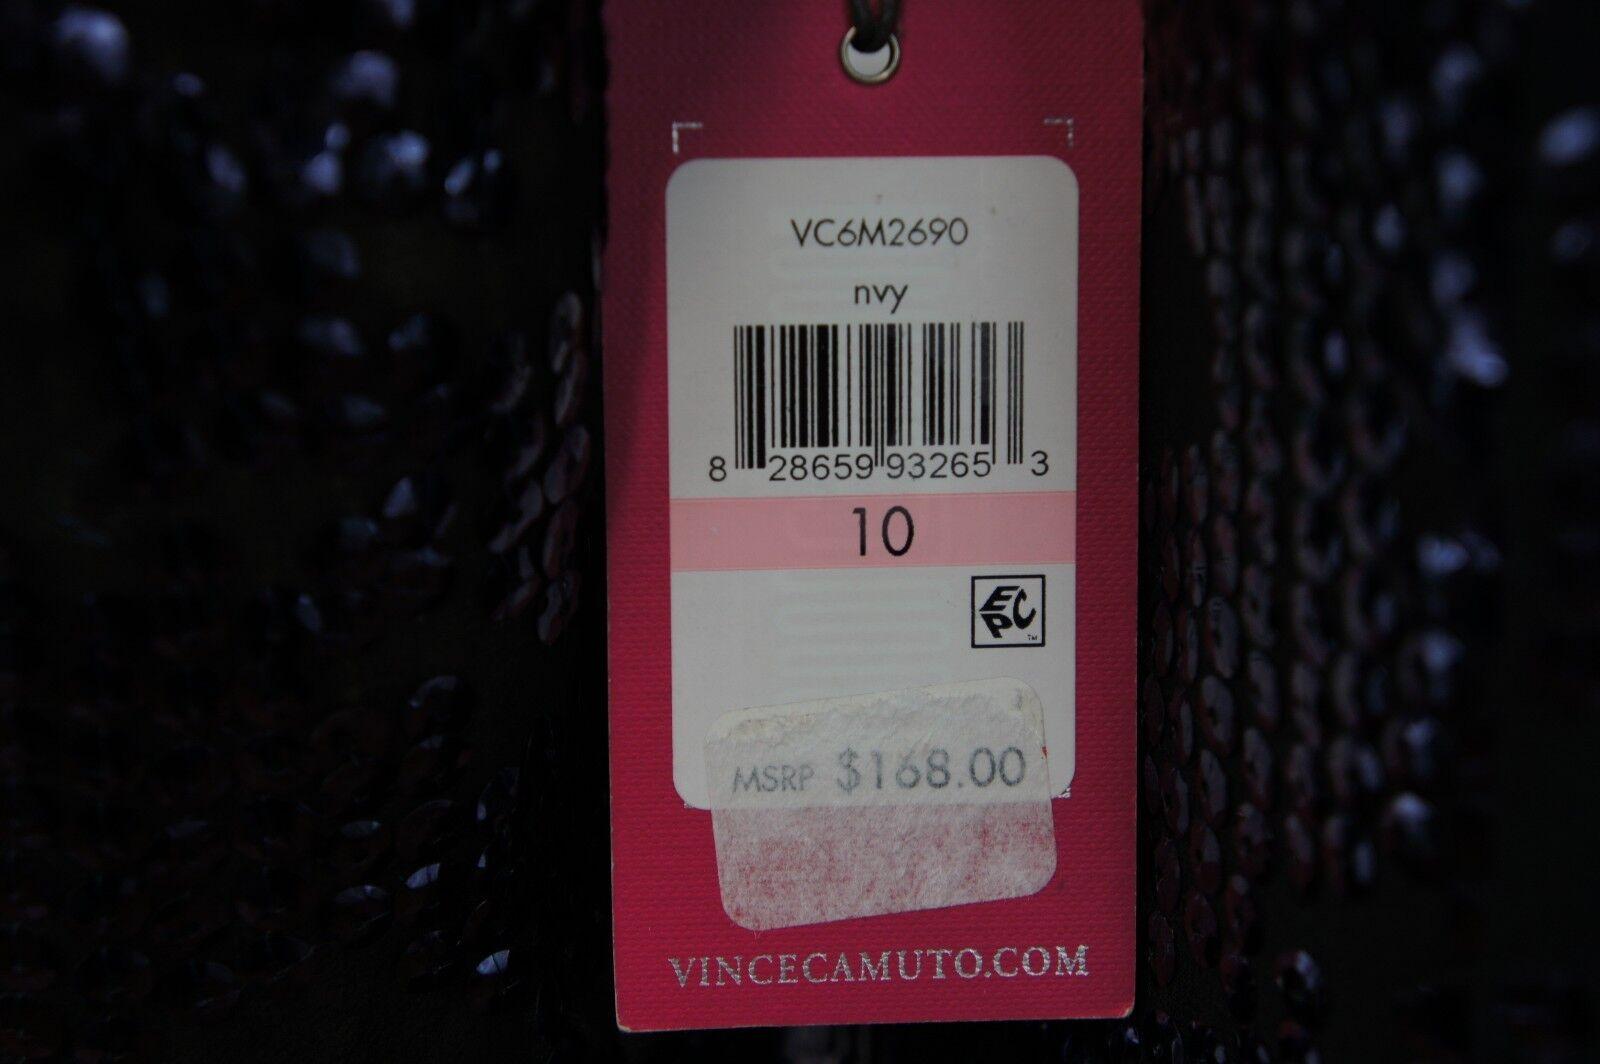 Vince Camuto  LUSSO Designer Astuccio Astuccio Astuccio Abito nachtbl Lustrini  40  NUOVO 9e0cd4